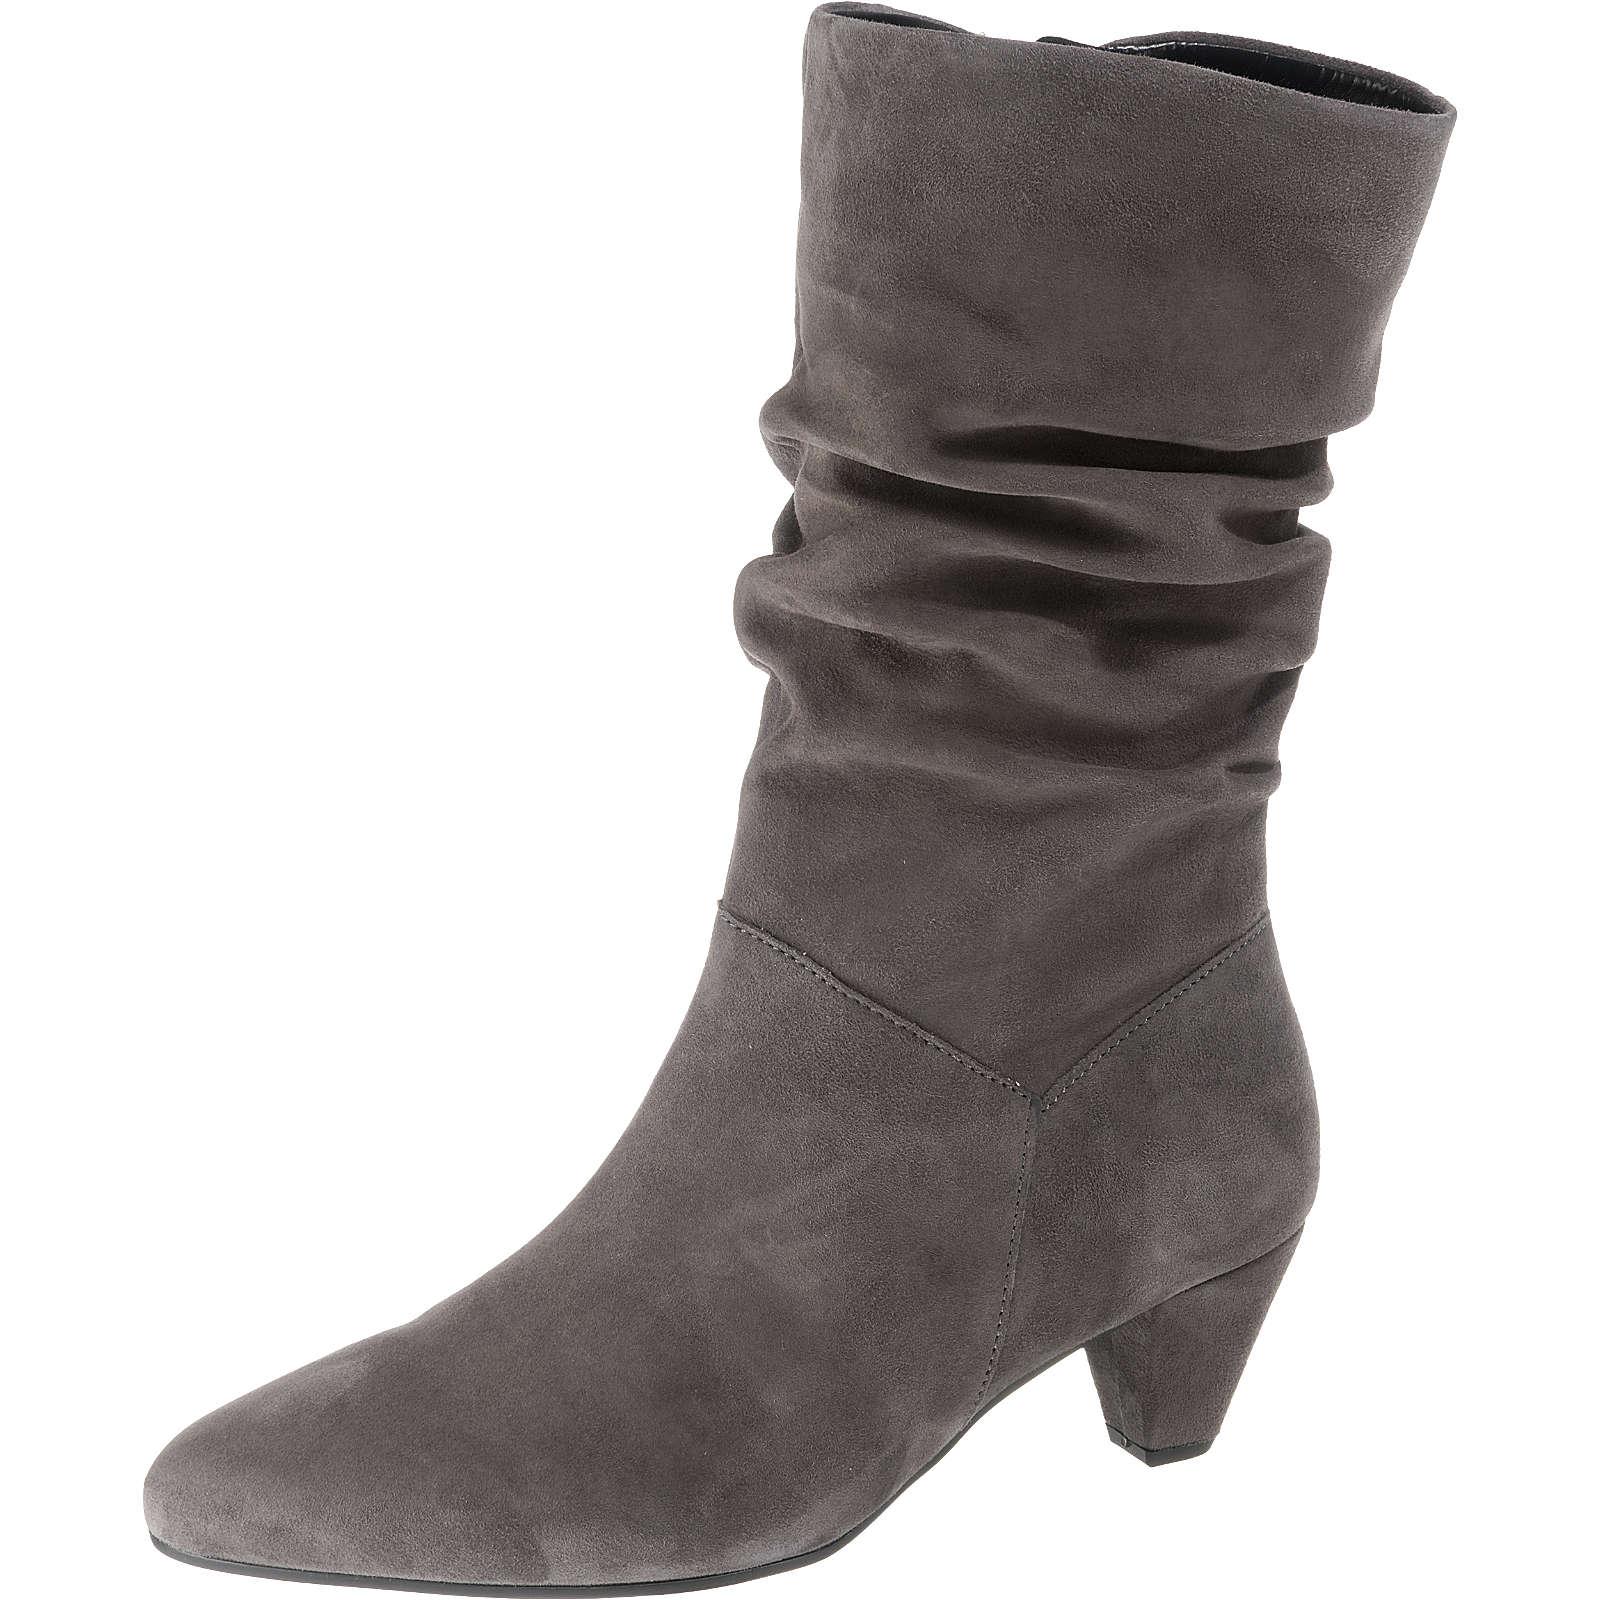 Gabor Klassische Stiefel grau Damen Gr. 42